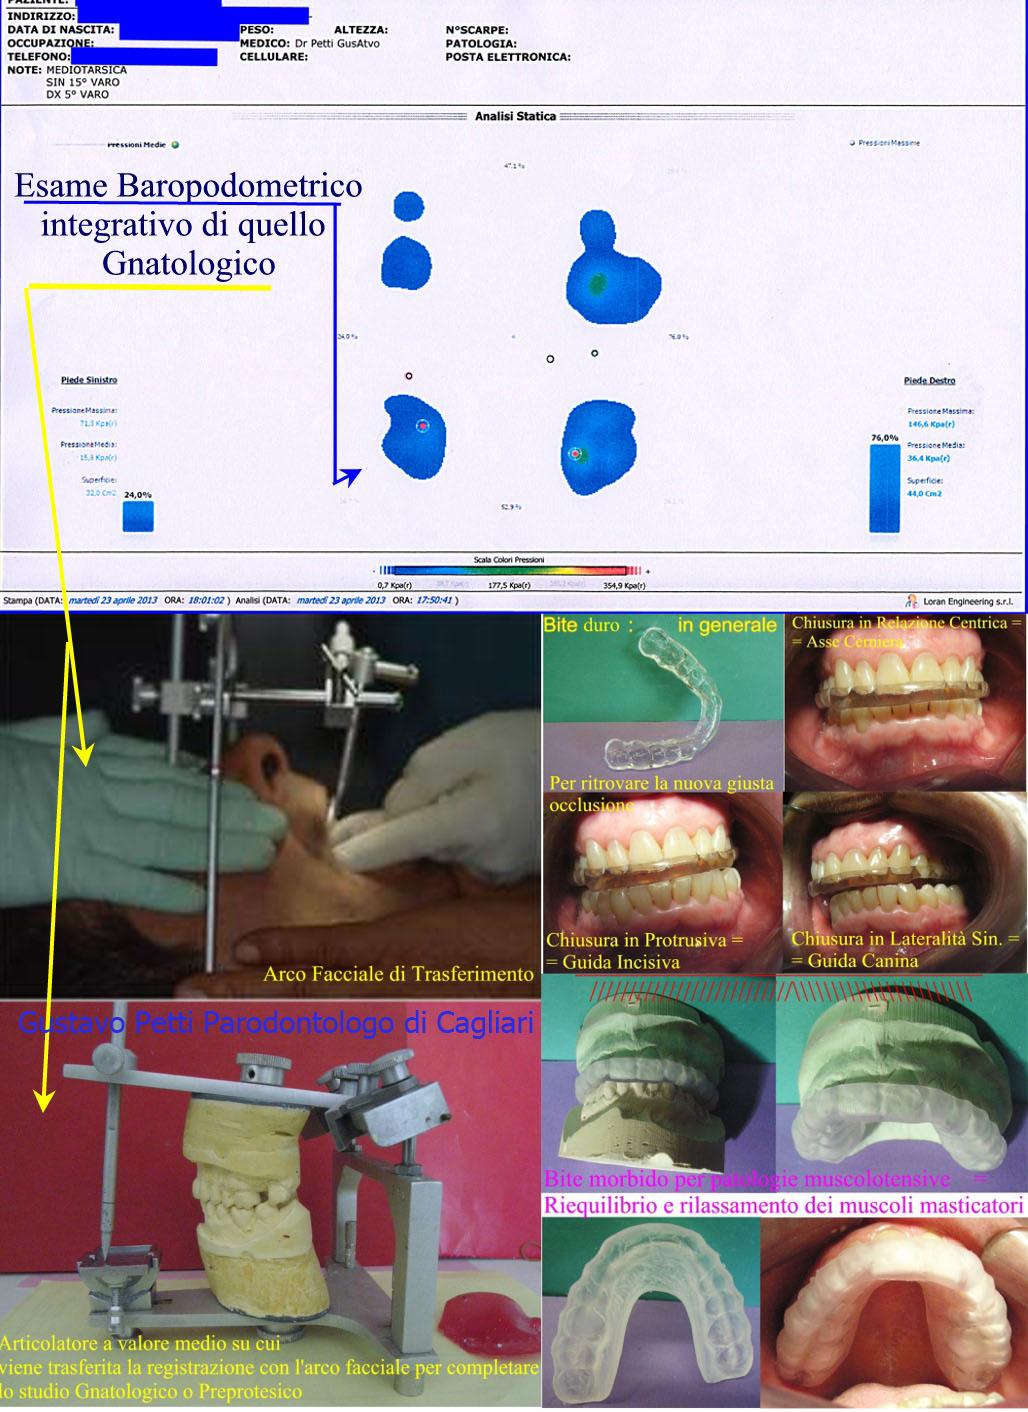 gnatologia-dr-g.petti-cagliari-245.jpg